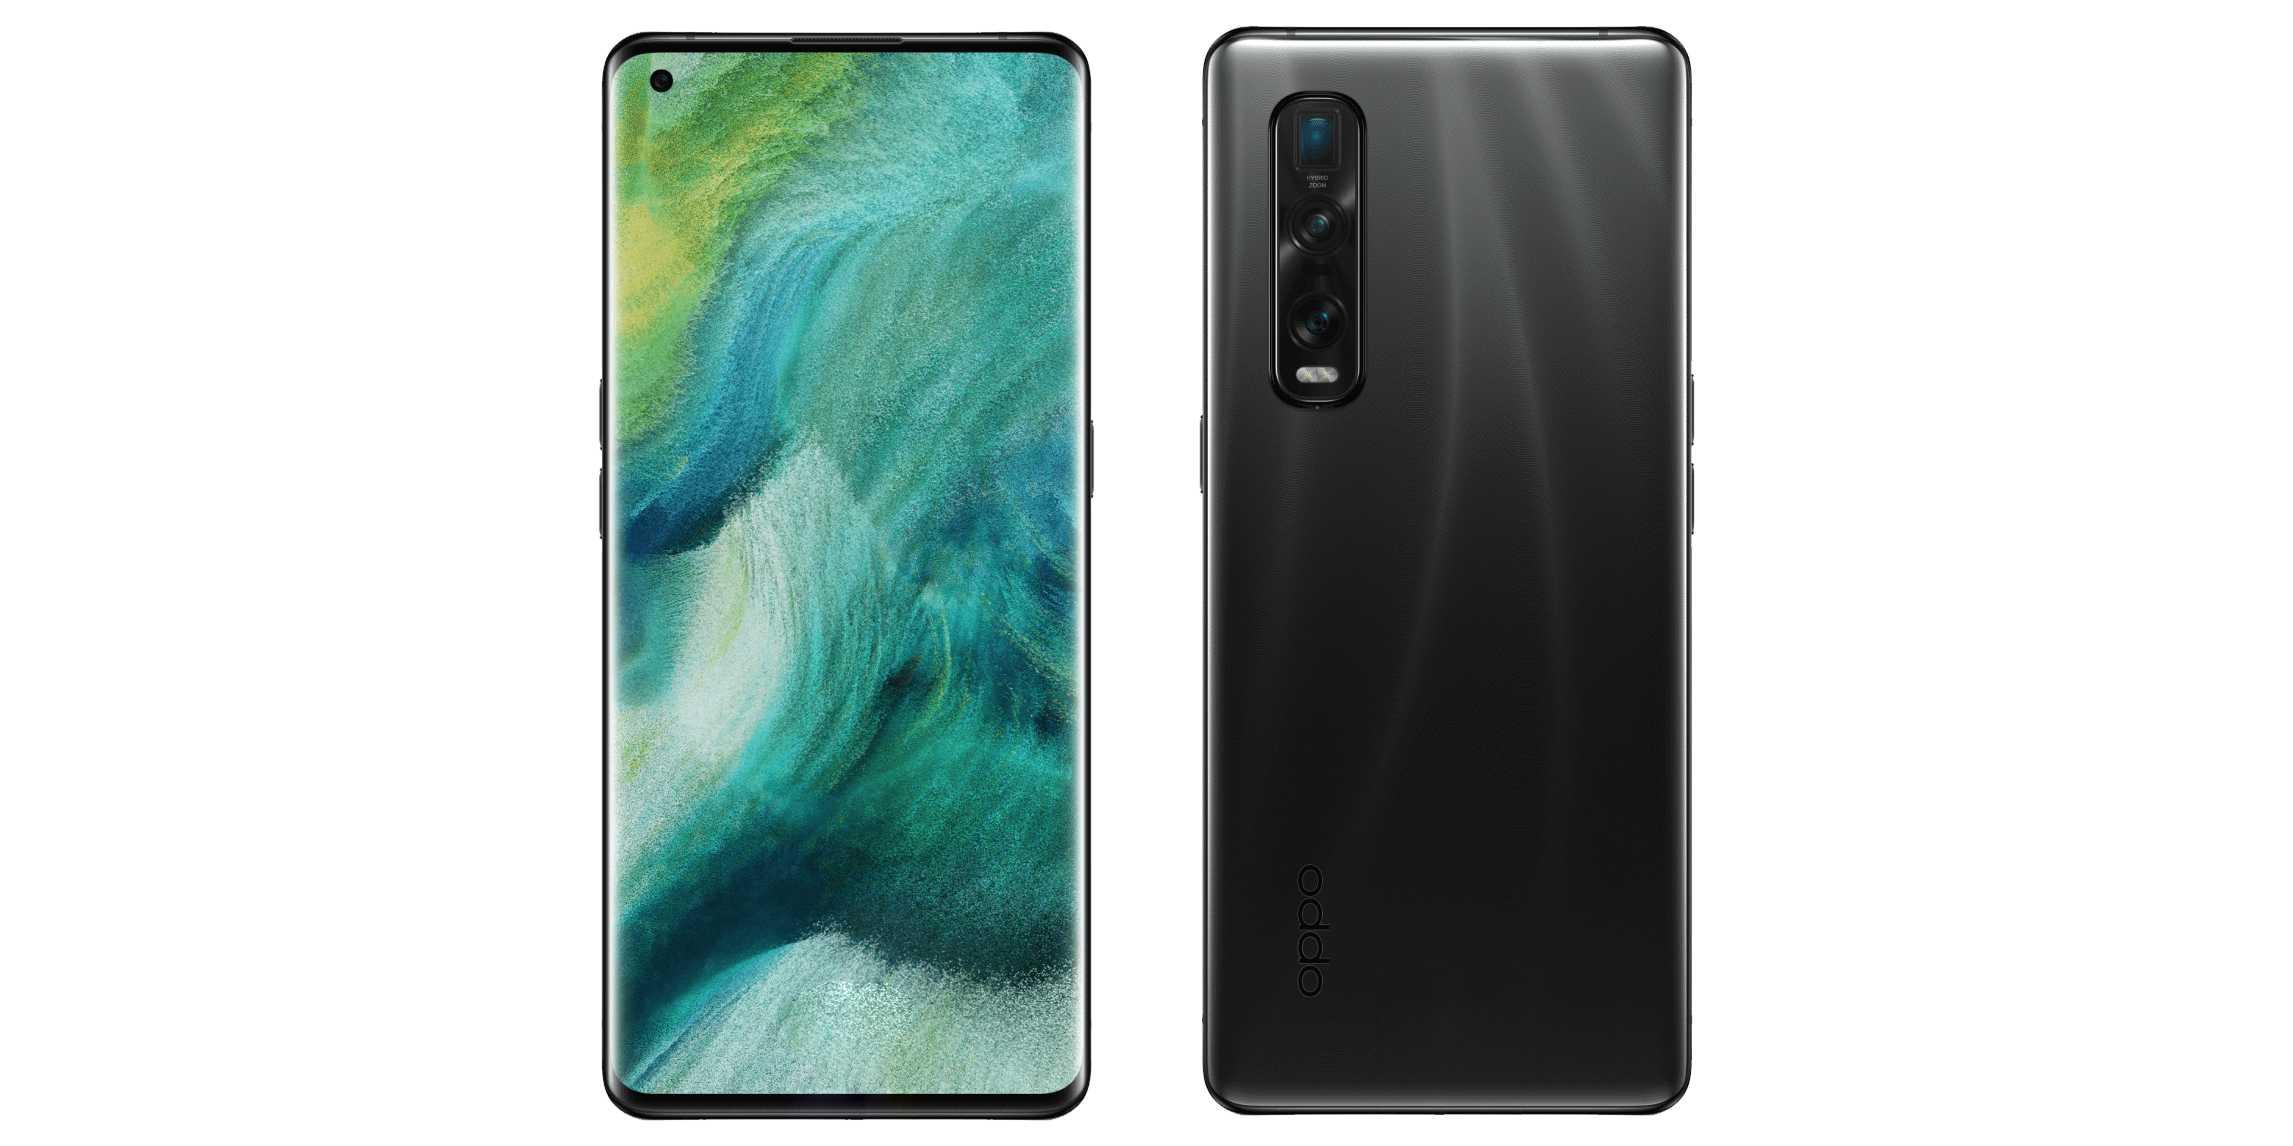 Все мобильные телефоны с экранами 90 гц и более: модели и рейтинг   itigic